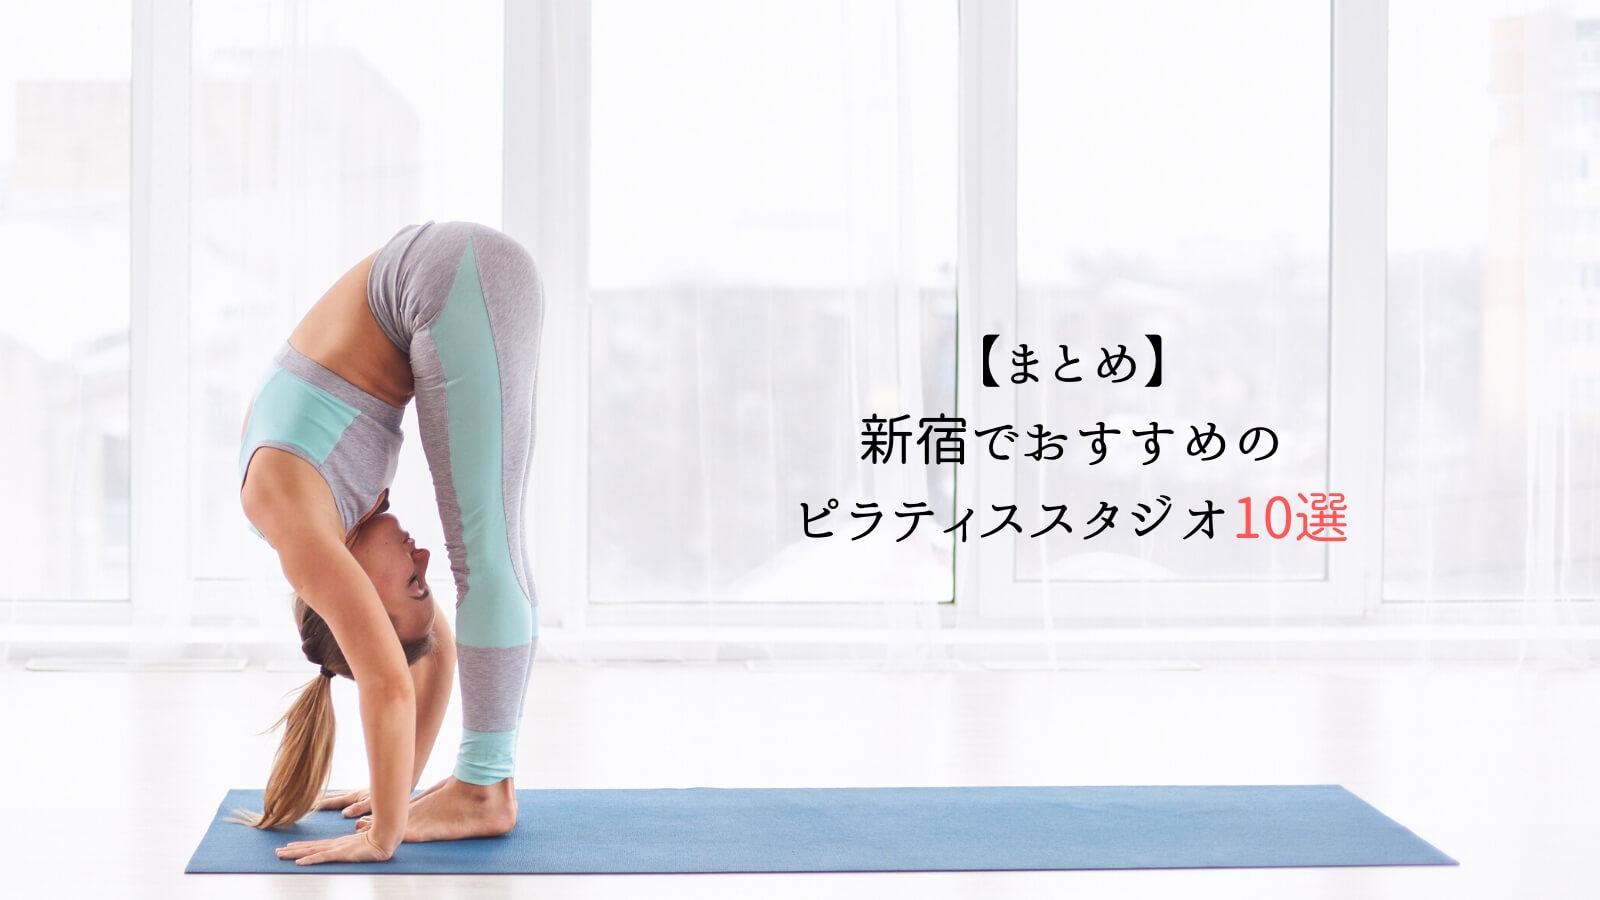 【まとめ】新宿でおすすめのピラティススタジオ10選